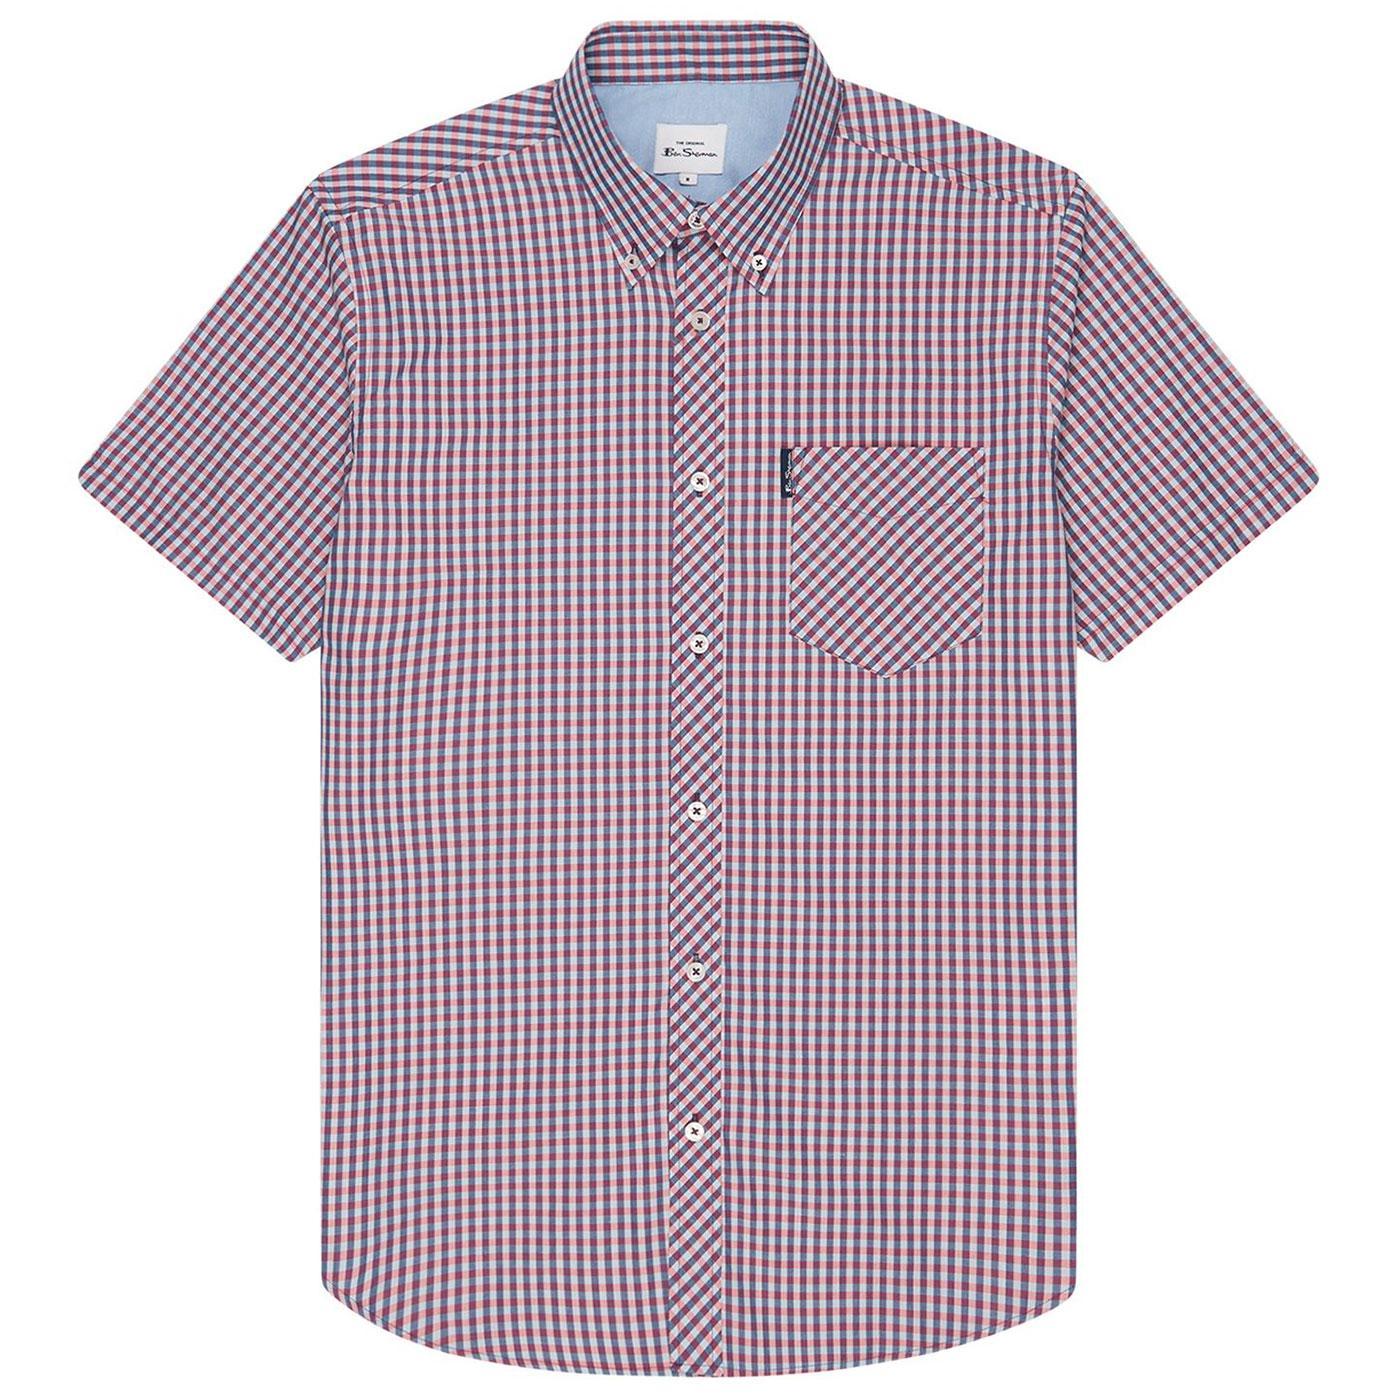 BEN SHERMAN Classic Mod SS Gingham Shirt (Mango)